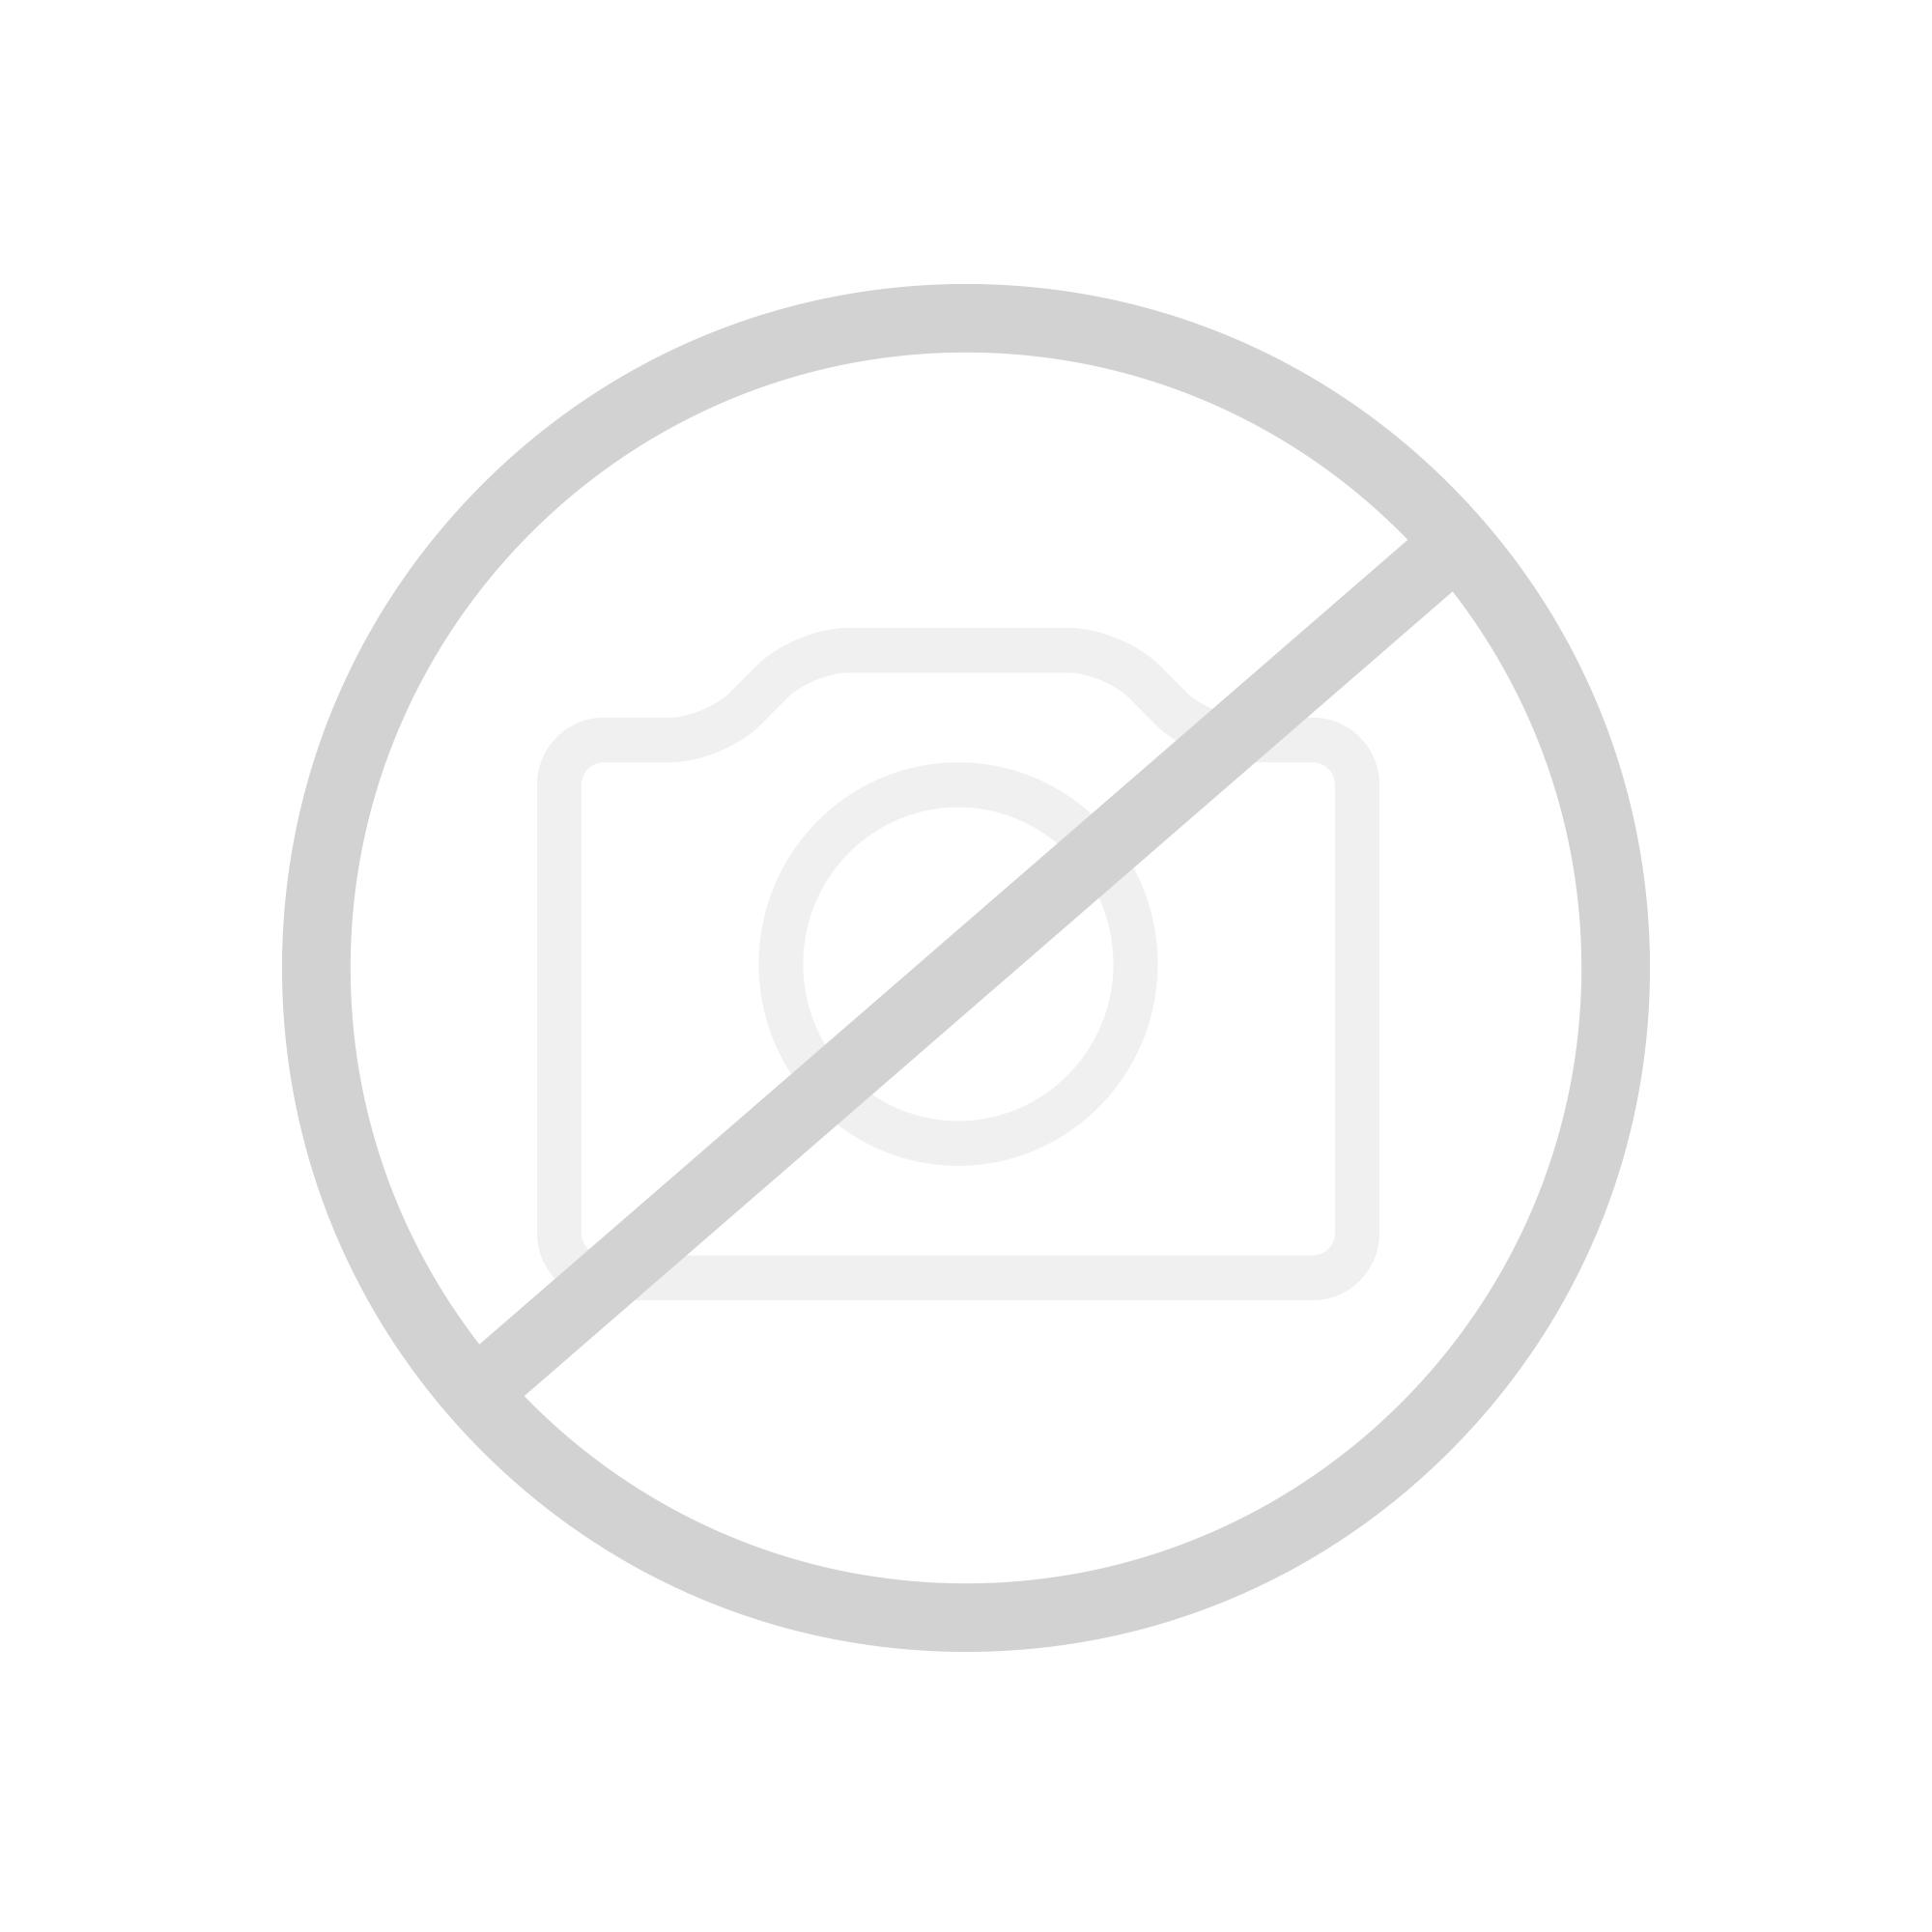 Hansgrohe Metris Einhebel-Waschtischmischer 110, ohne Ablaufgarnitur